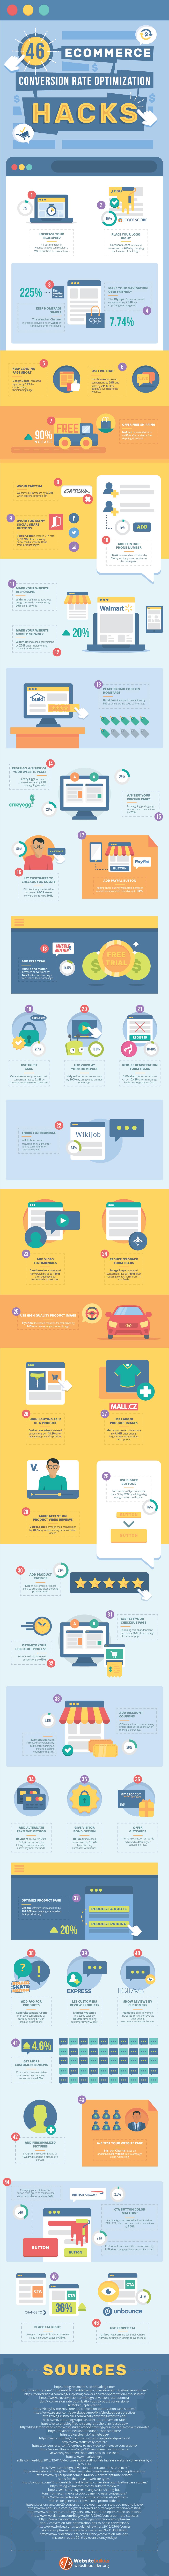 infographic-cro-hacks-redesign-update-1